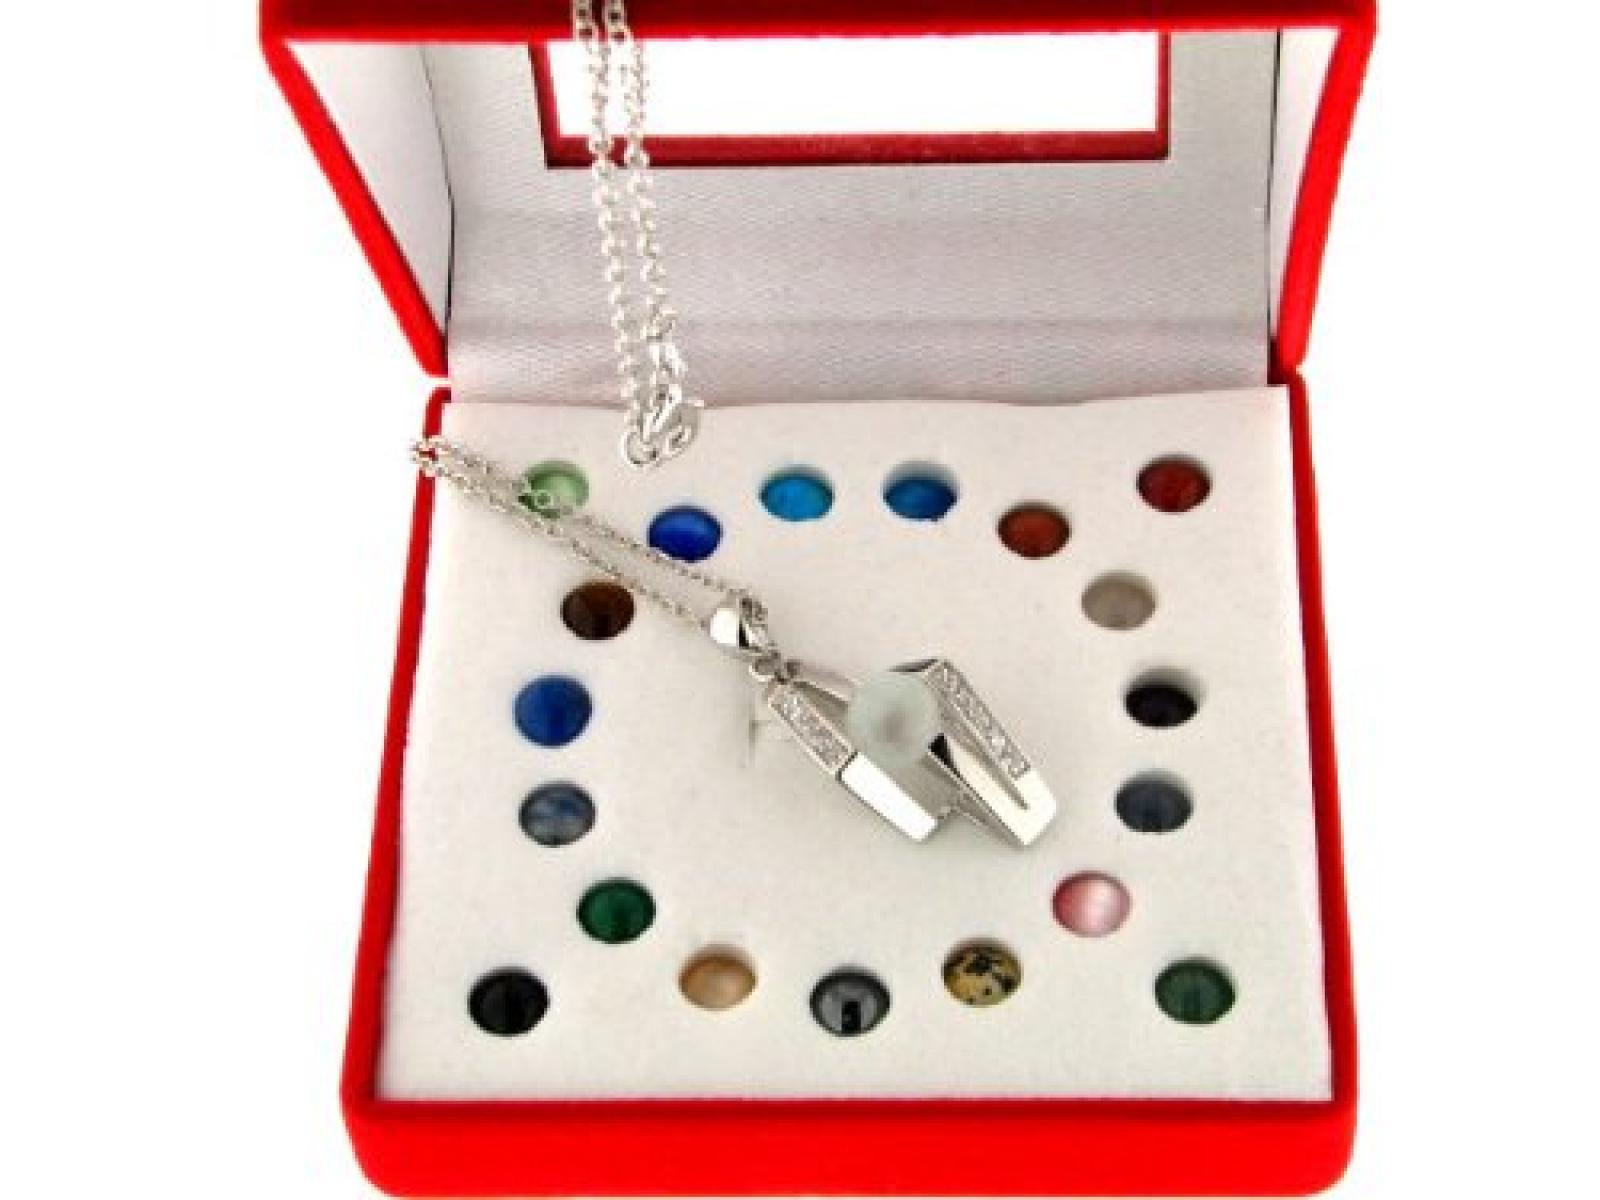 Kettenworld Damen-Halskette mit 20 austauschbaren Kugel 925 Sterling Silber rhodiniert 251628